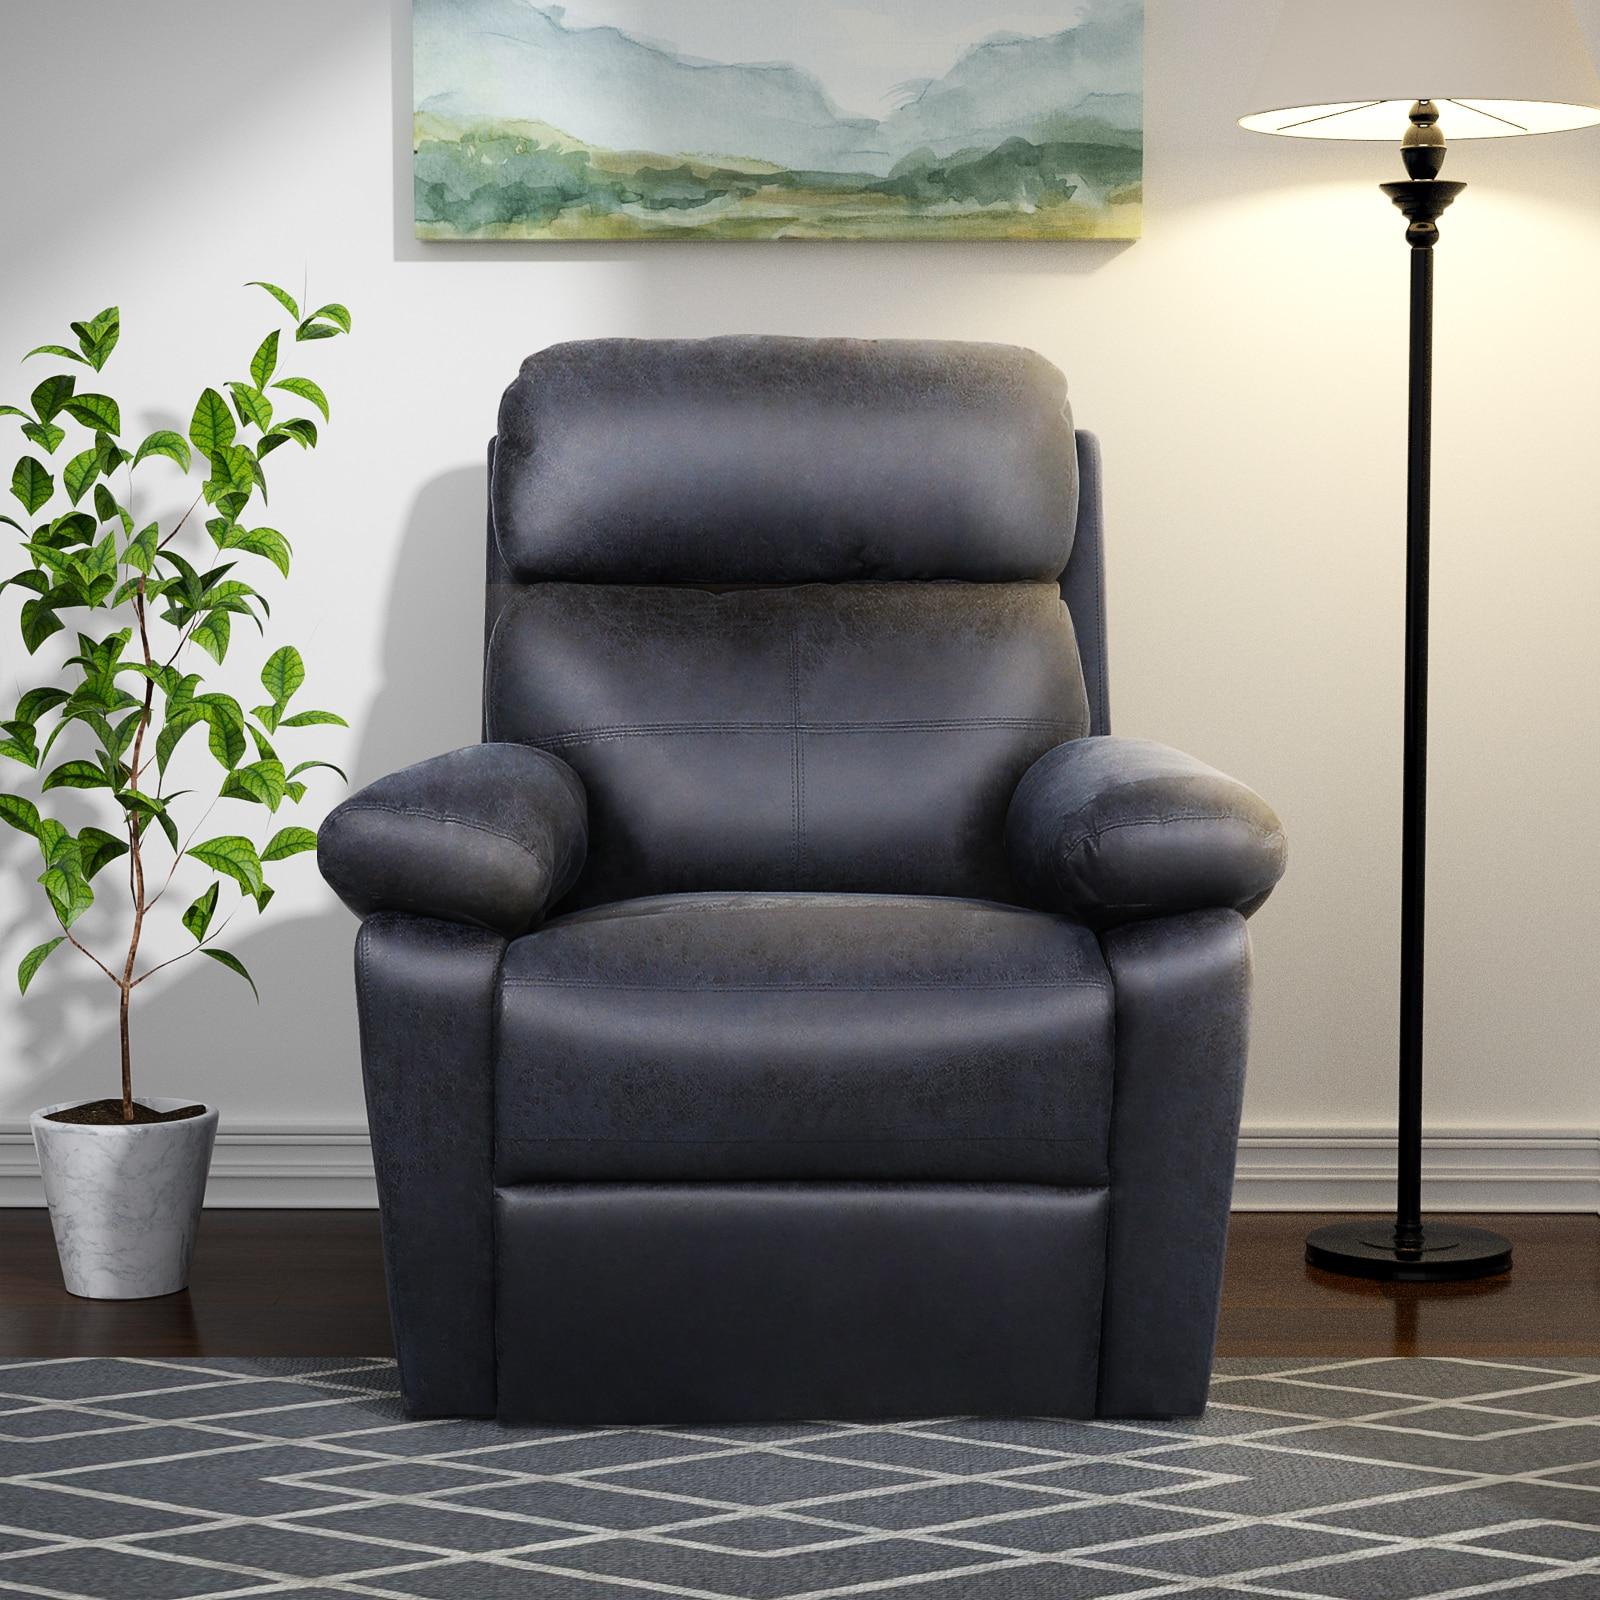 كرسي صالة كرسي داخلي مبطن كرسي-مقاعد كنبة مكتب كرسي-دليل لغرفة المعيشة غرفة نوم غرفة الألعاب